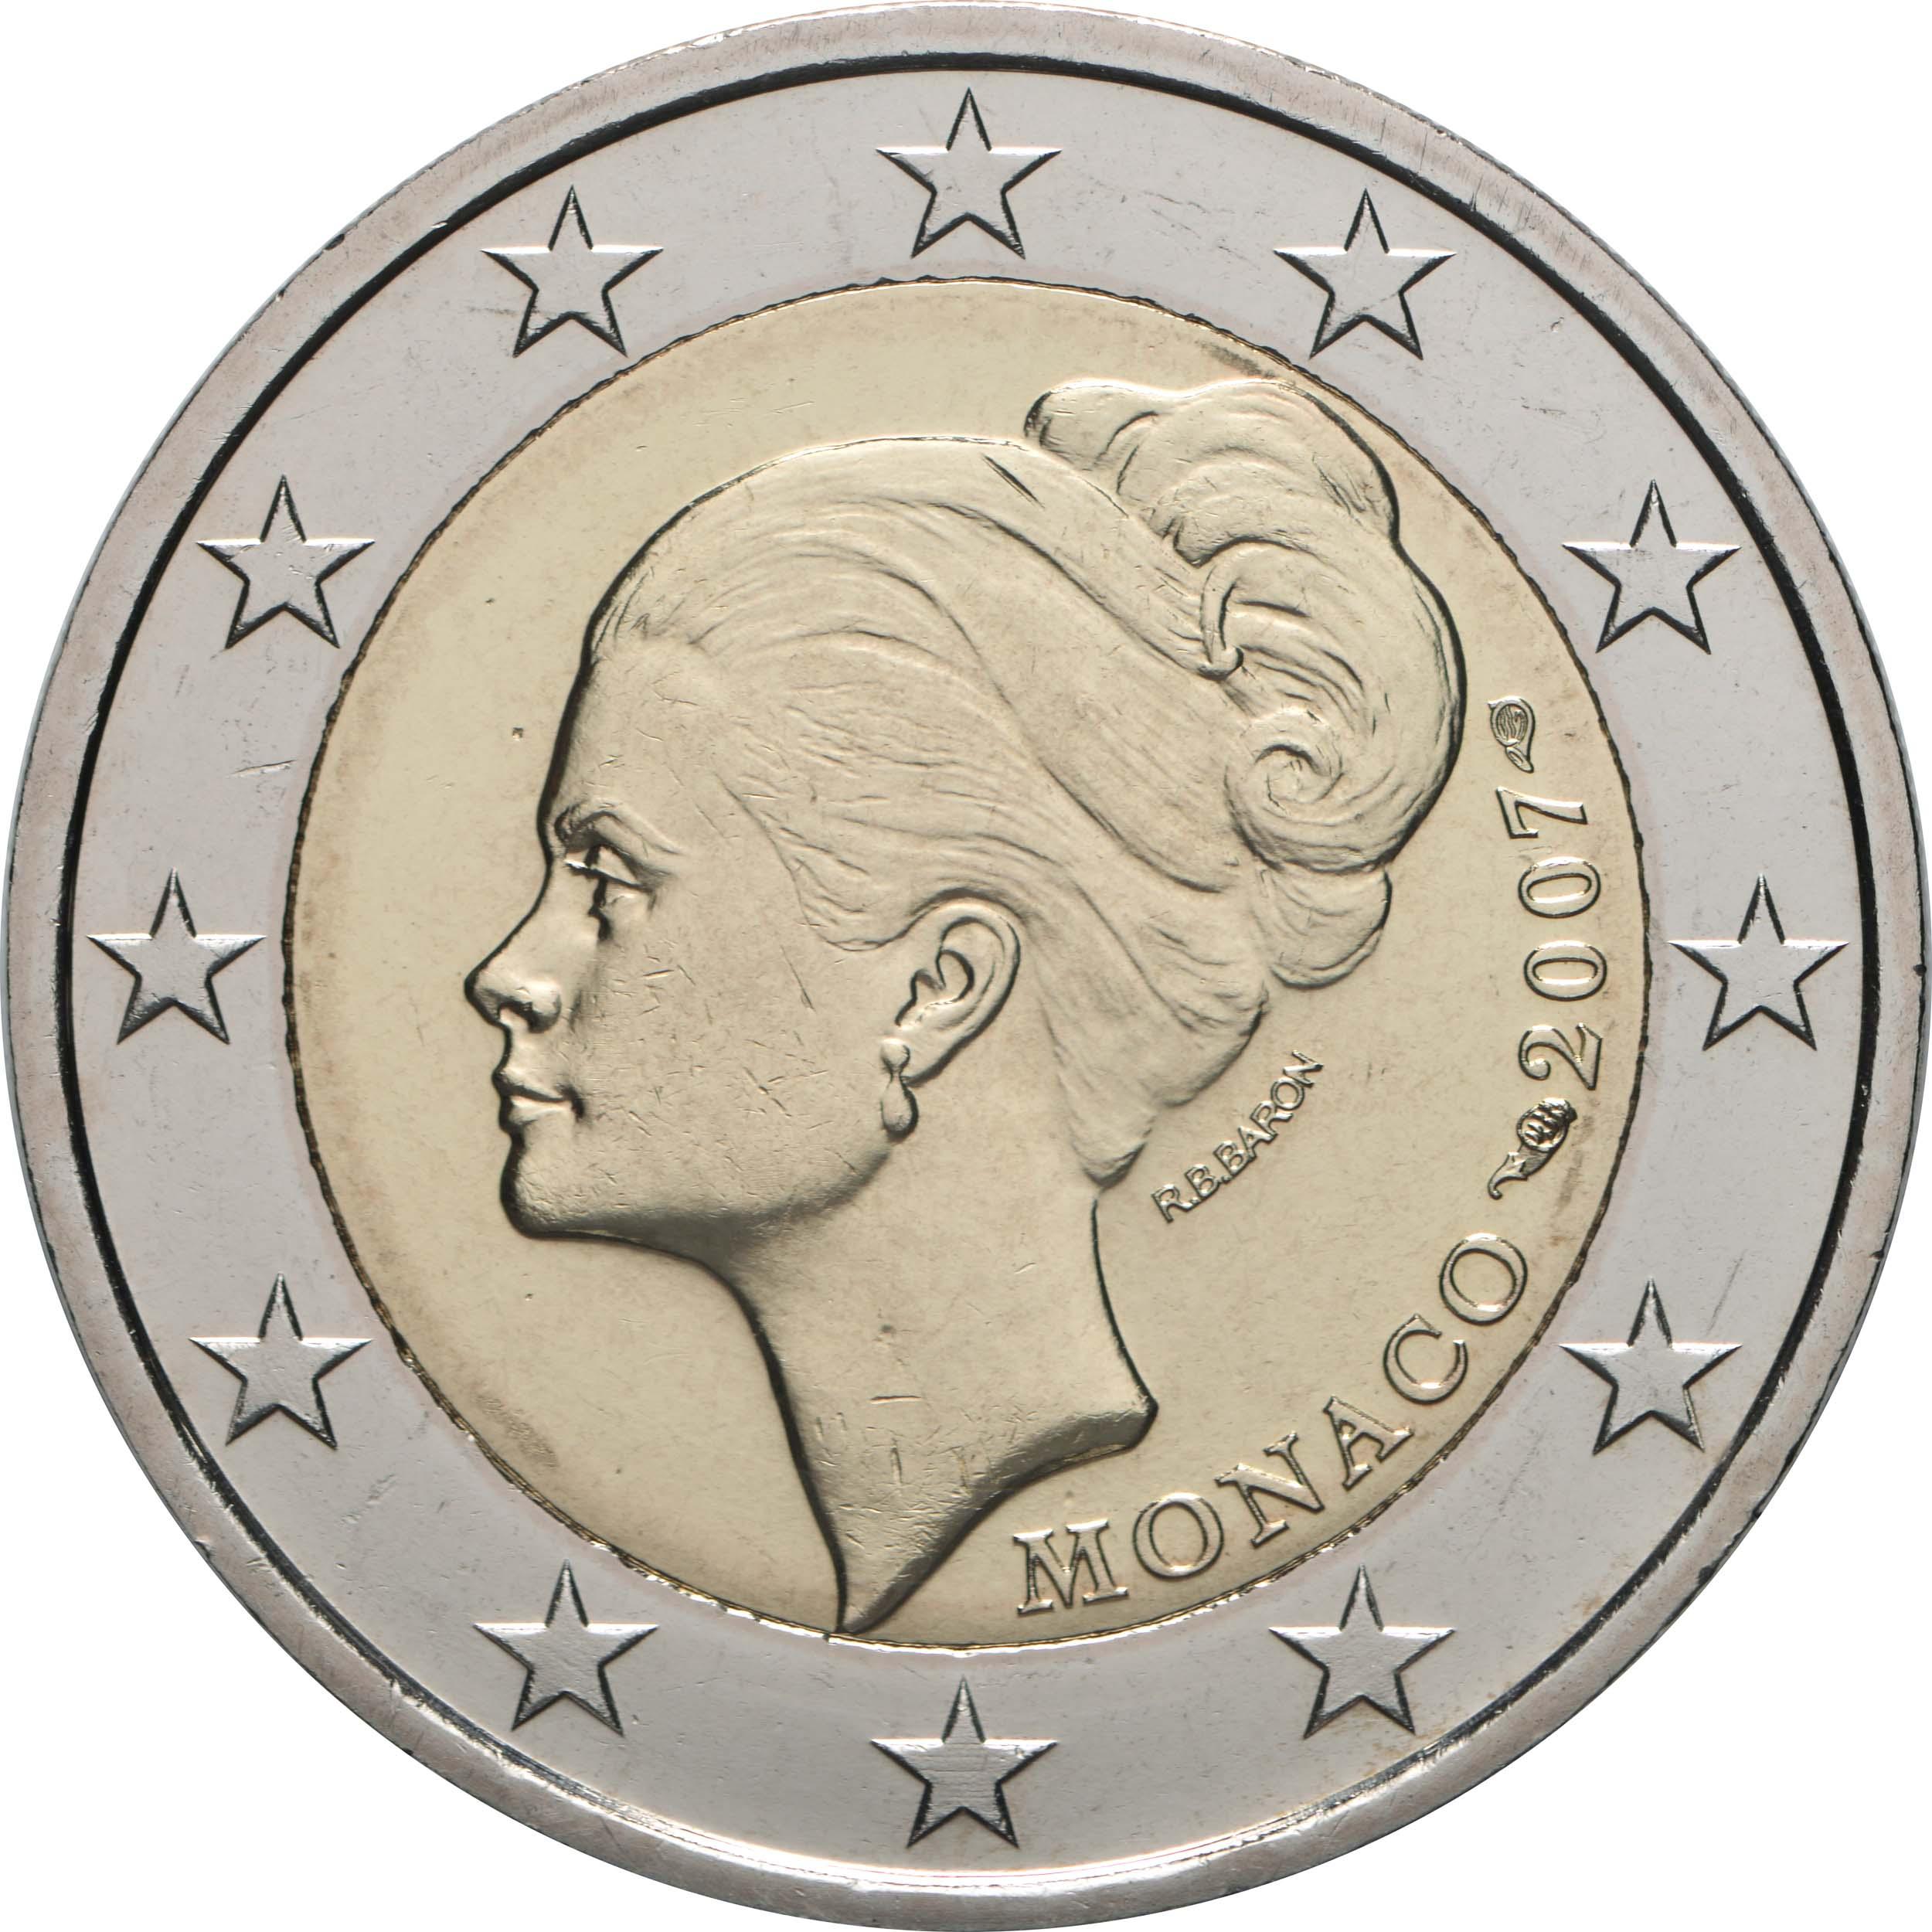 2 Euro Sondermünzen Oder 2 Euro Gedenkmünzen